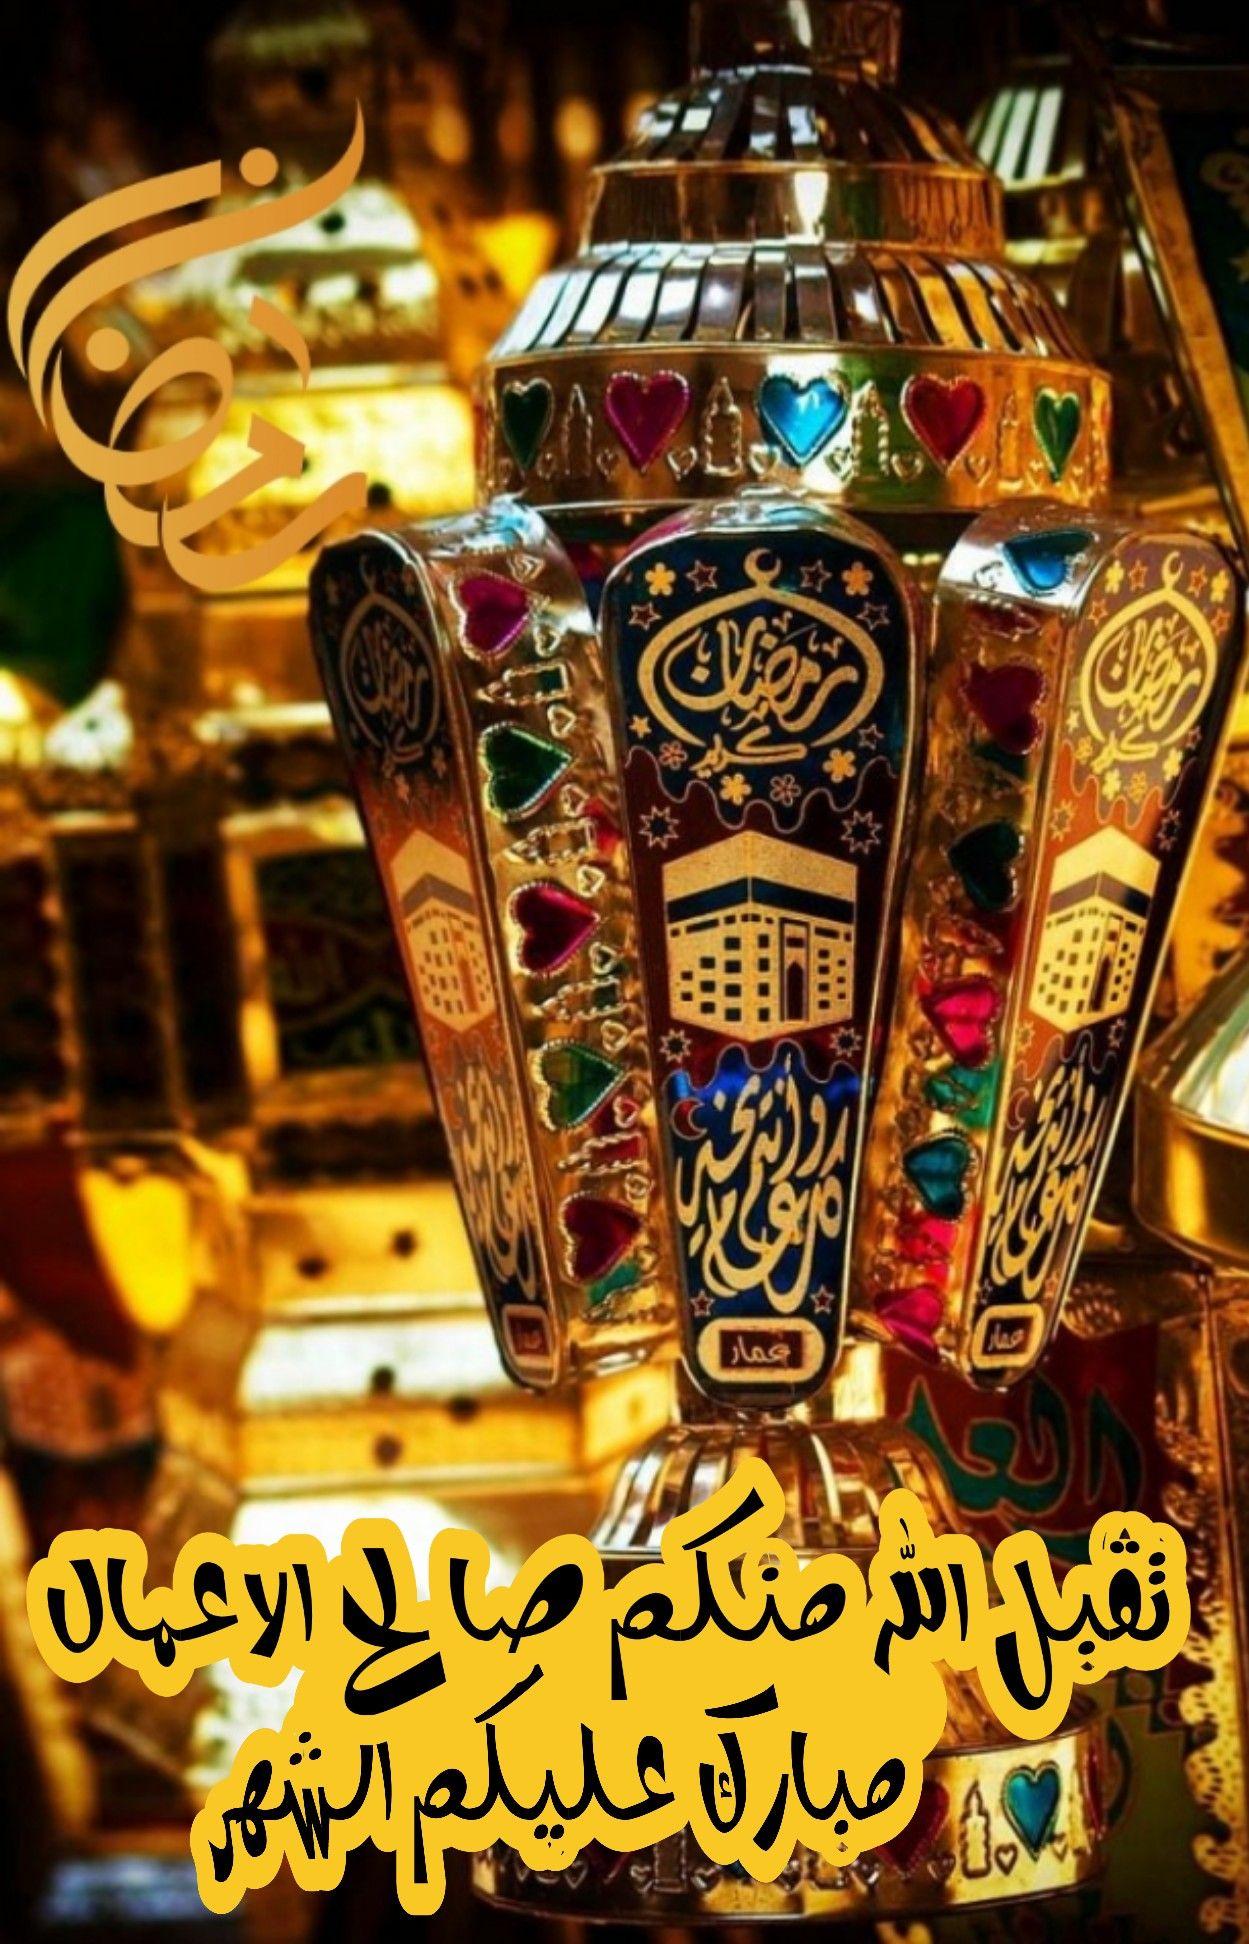 تقبل الله منكم صالح الاعمال مبارك عليكم الشهر رمضان Cool Photos Photo Strange